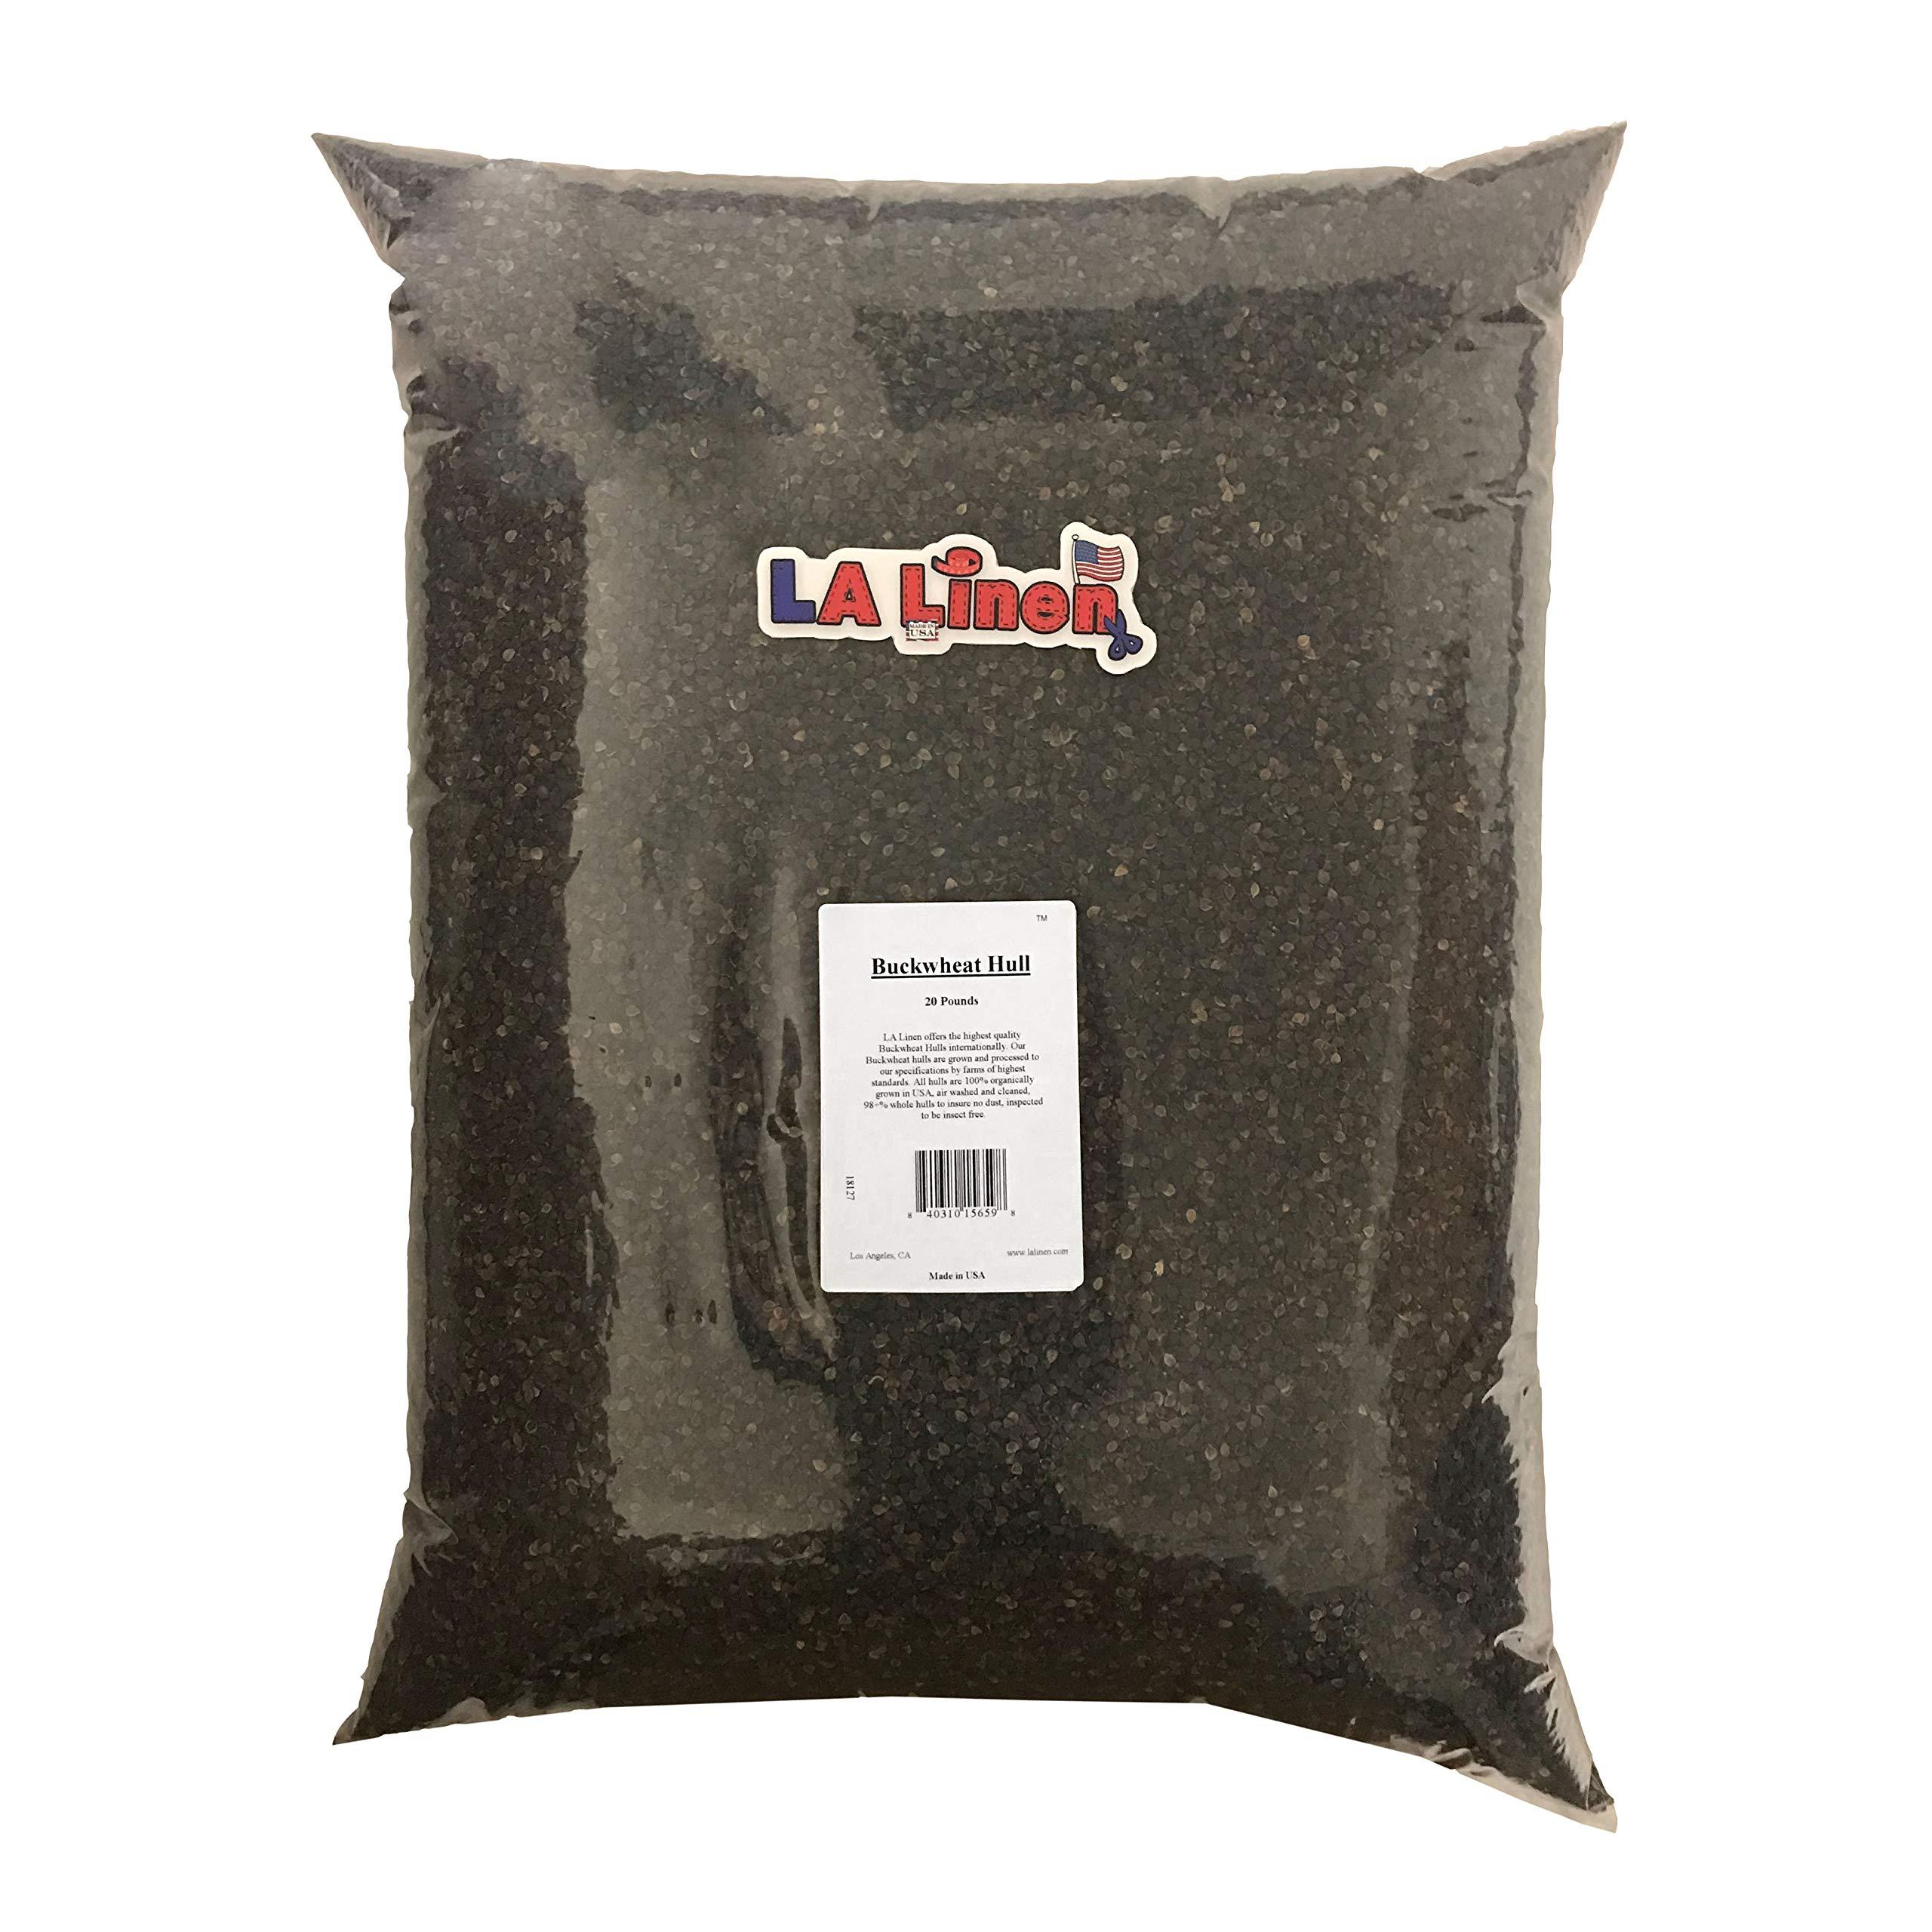 LA Linen Prepackaged Organic Buckwheat Hulls, 20 Pounds